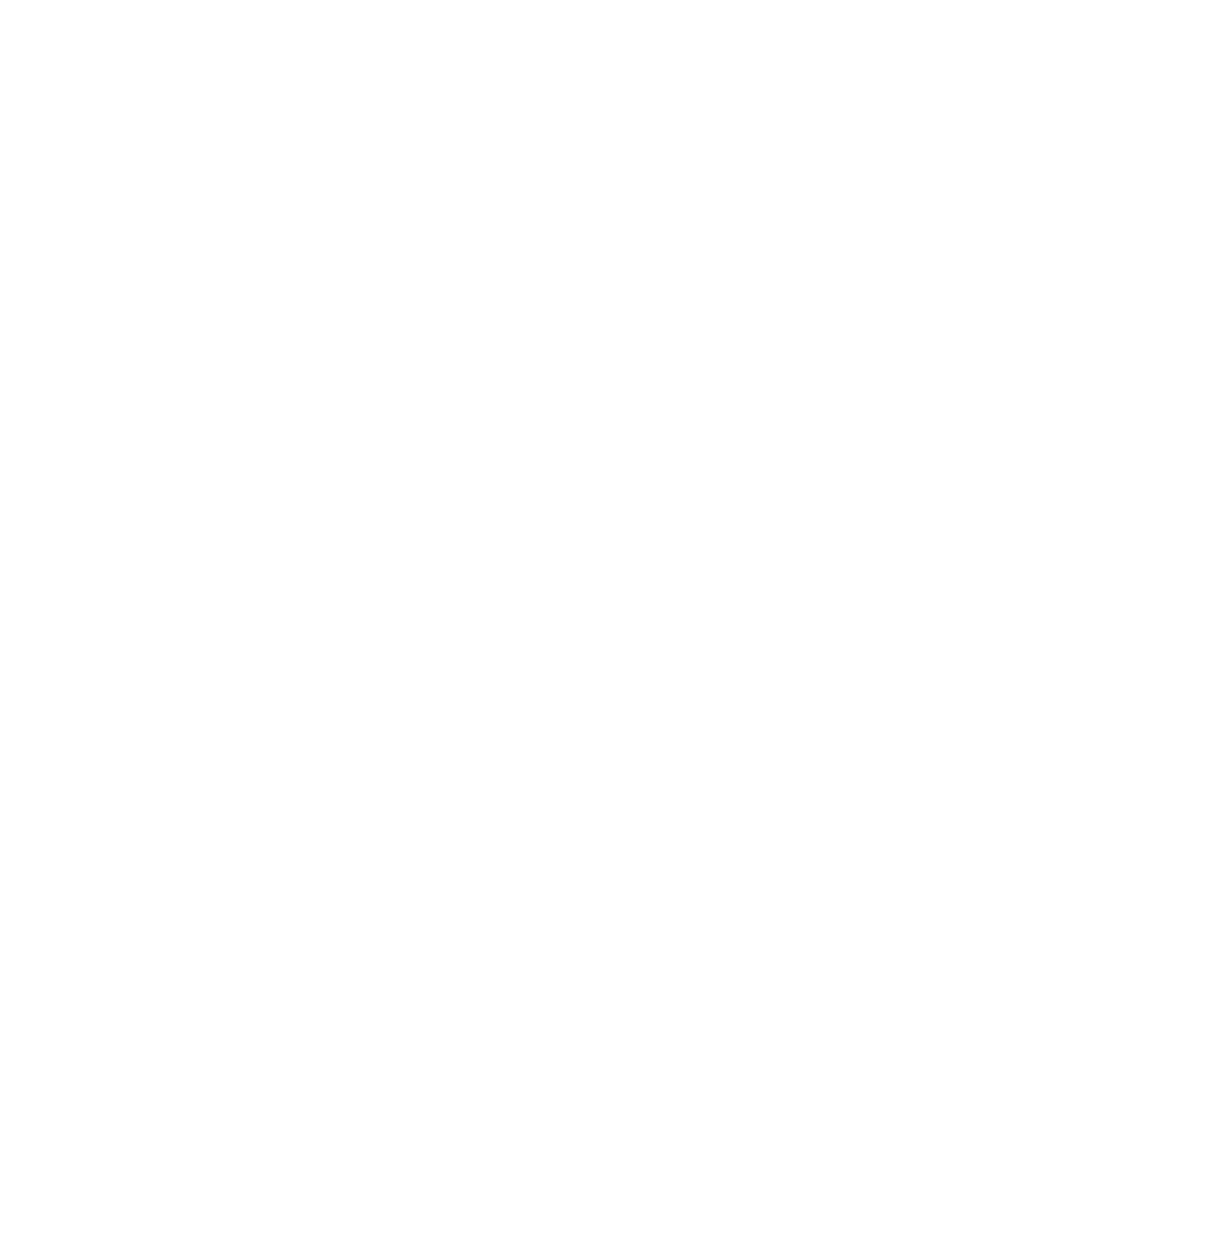 uuna(ユウナ) l 2021年7月 日本武道館ワンマンLIVE宣誓